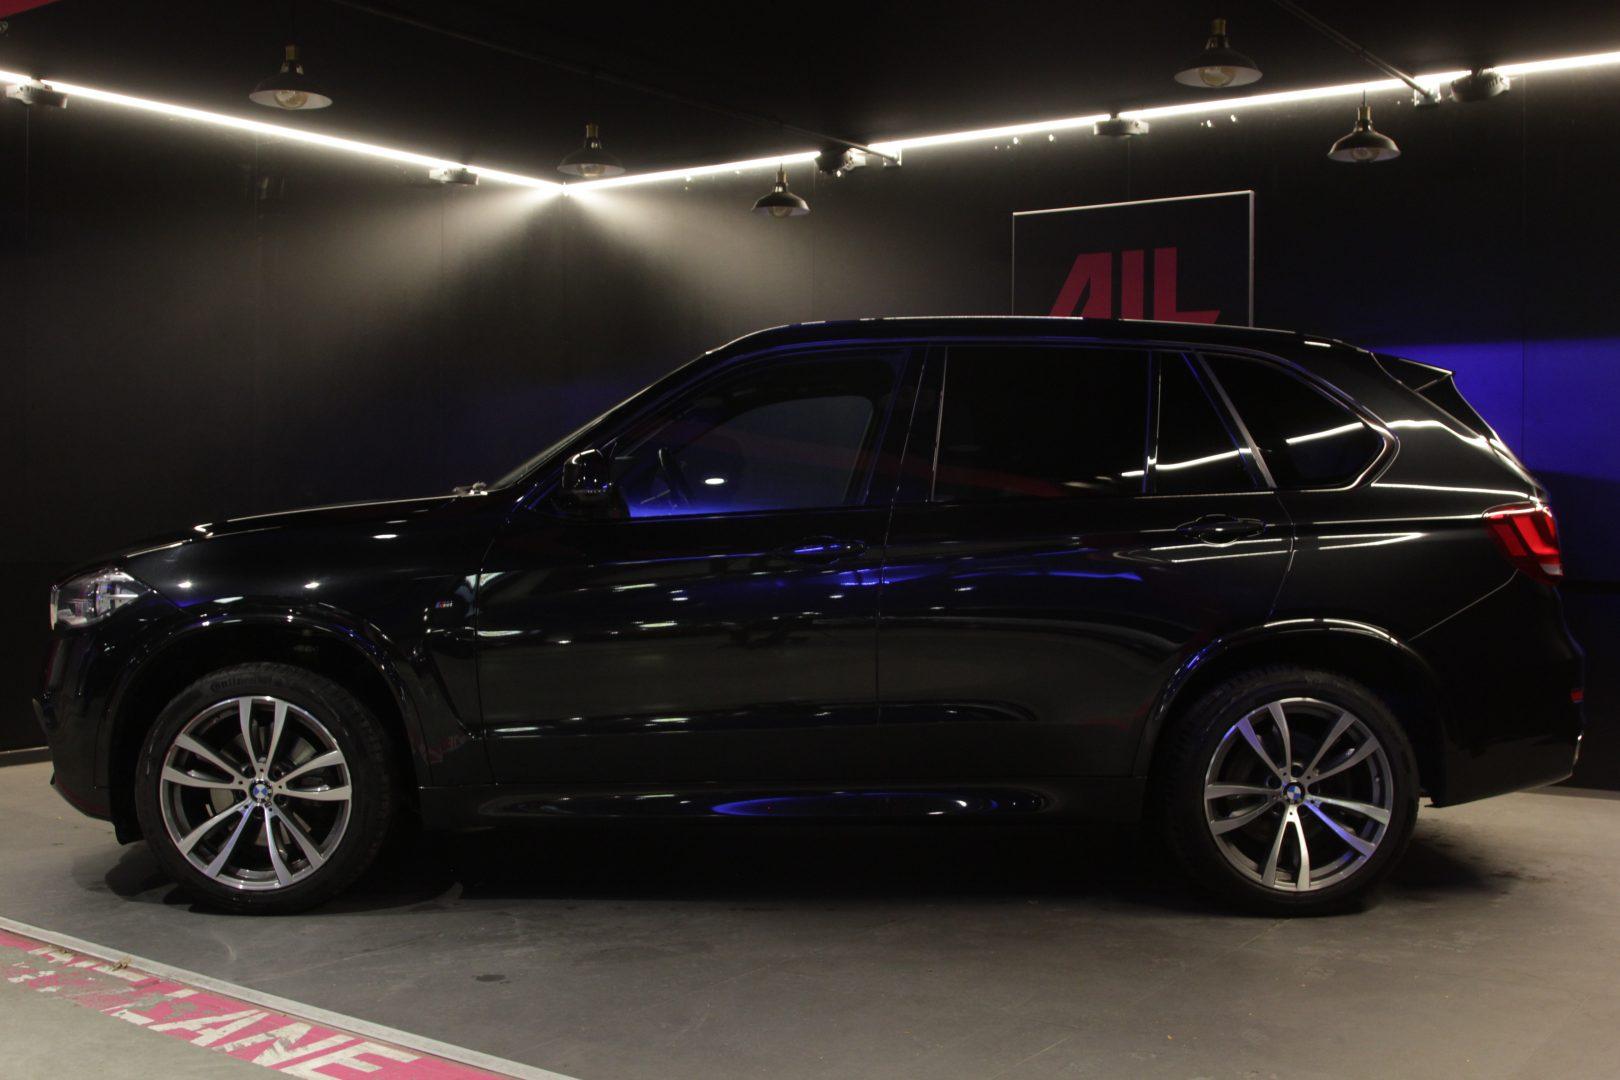 AIL BMW X5 xDrive40d 5